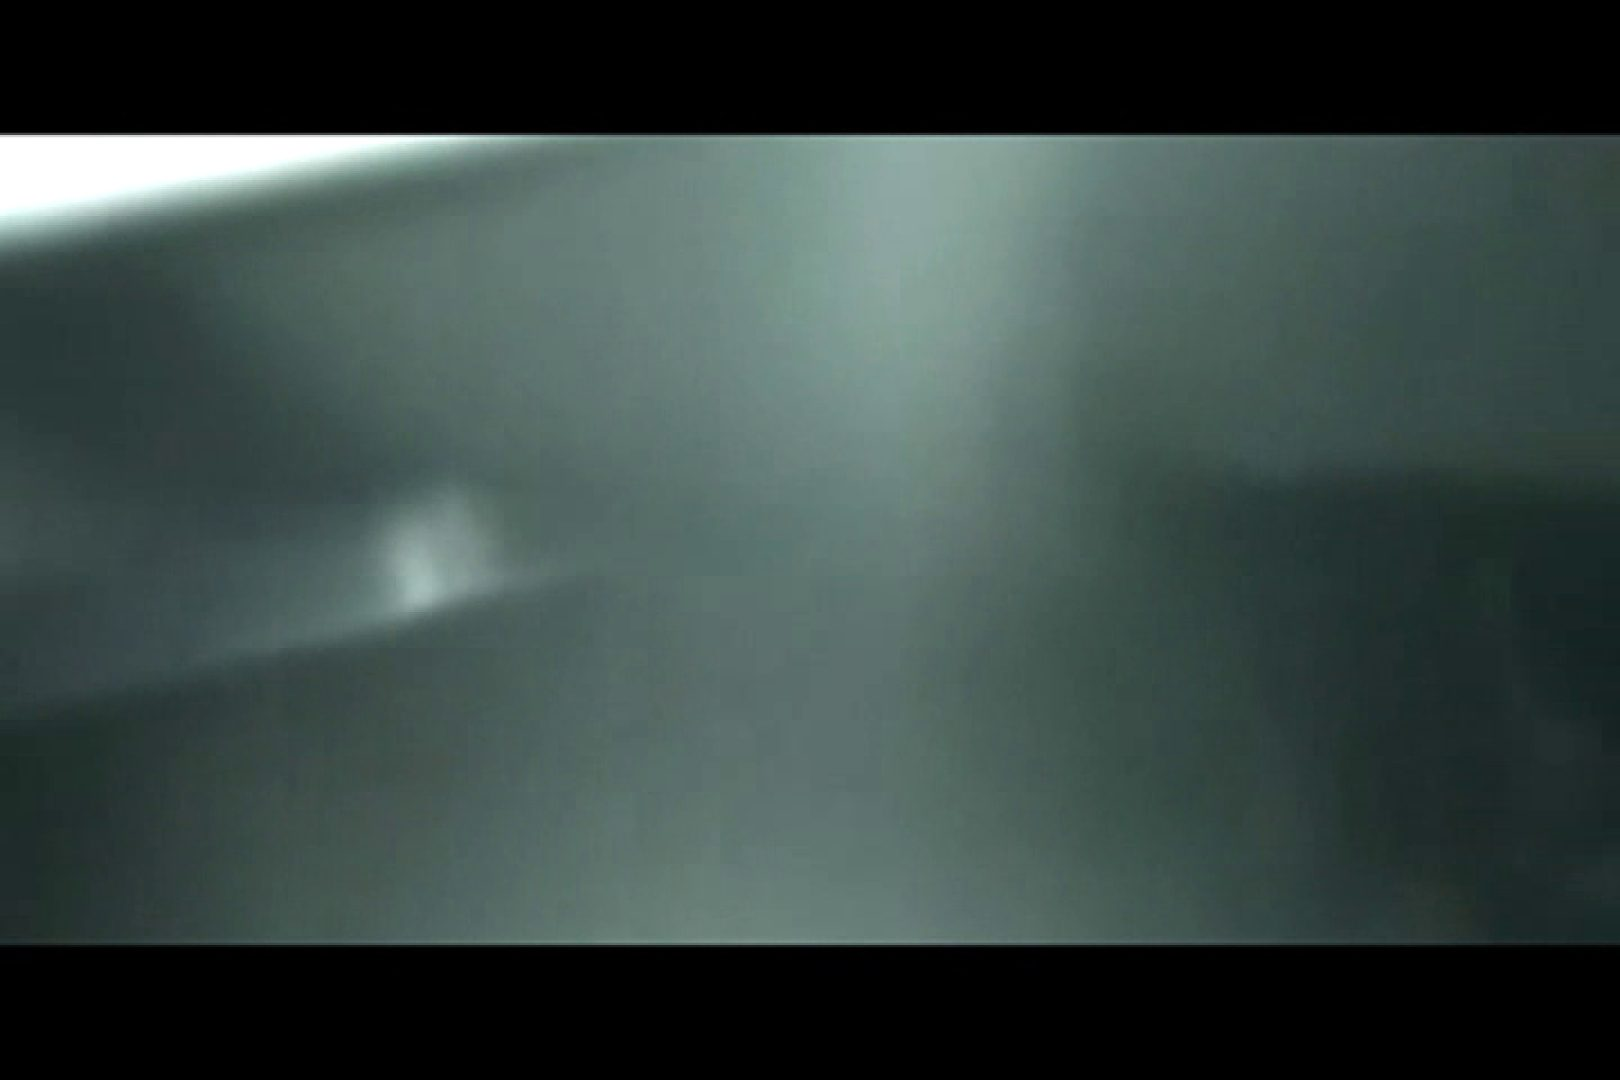 ぼっとん洗面所スペシャルVol.17 OLエロ画像  74PICs 9